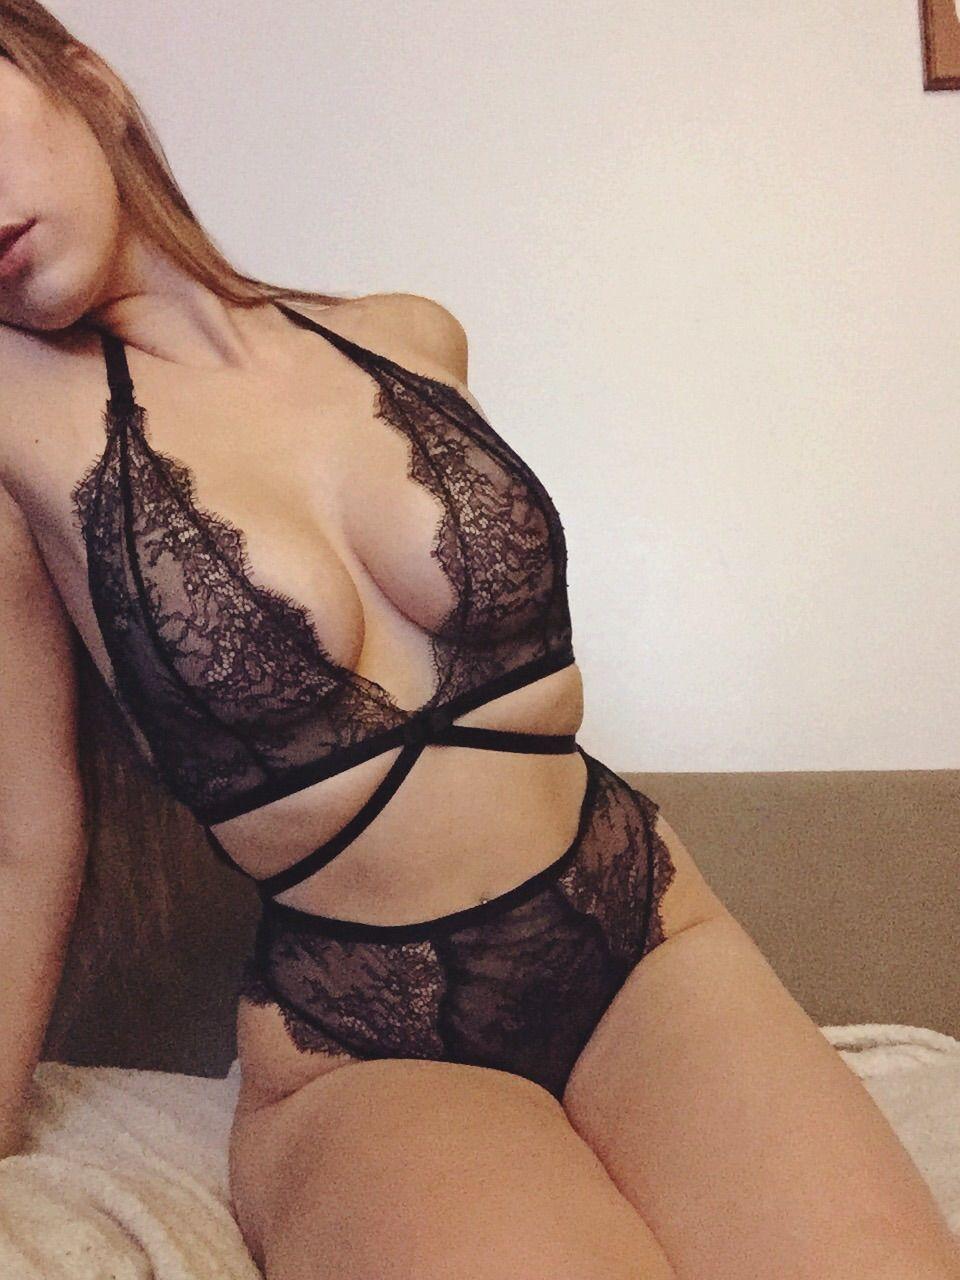 Hot lingerie on tumblr